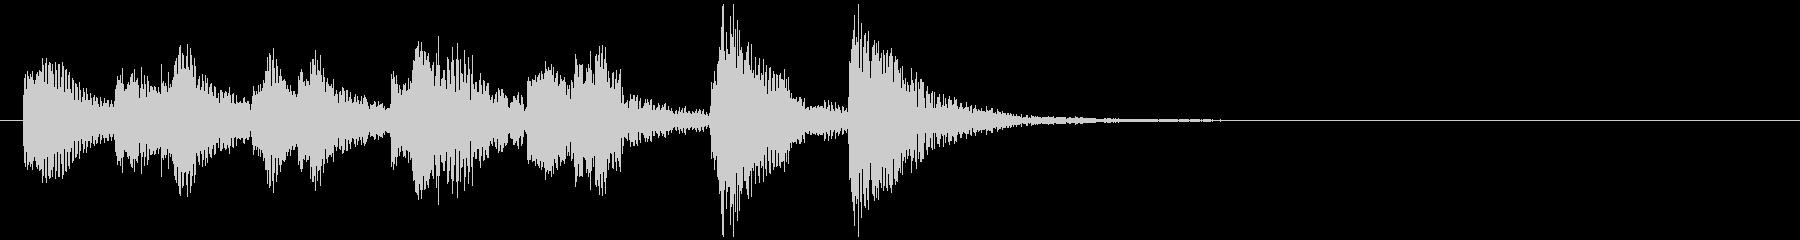 のほほんジングル009_おとぼけ-3の未再生の波形